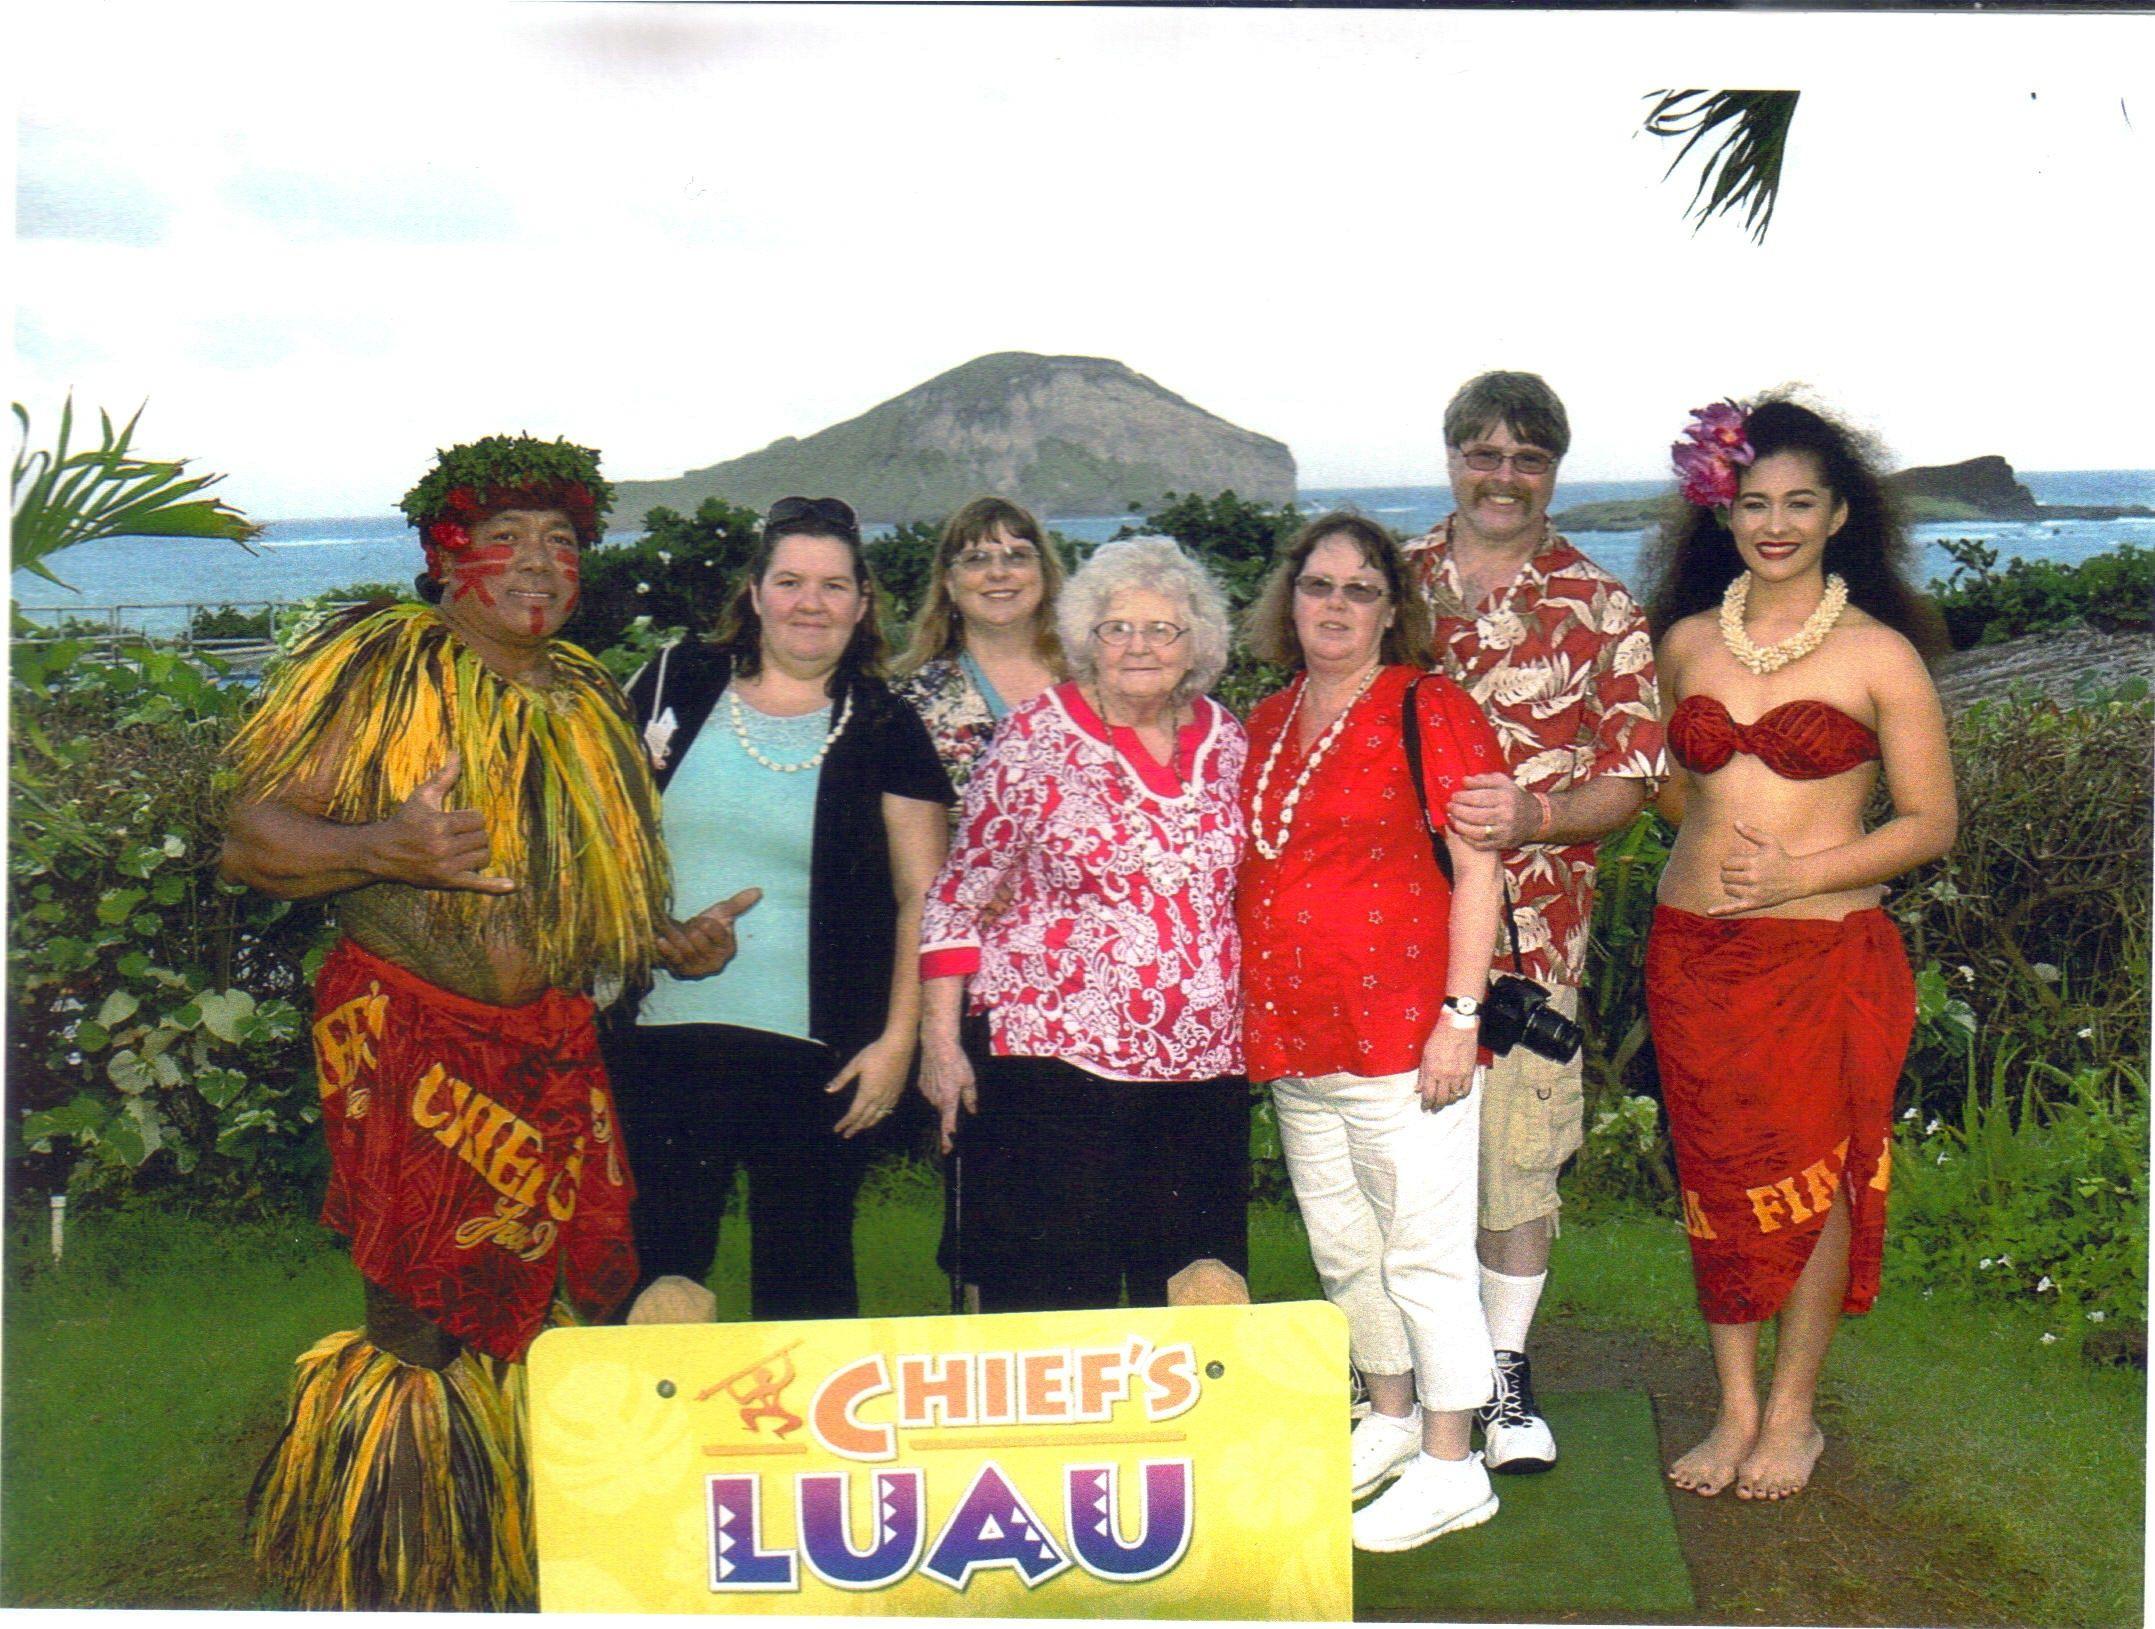 Chiefs Luau Oahu, Hawaii  Our favorite Luau